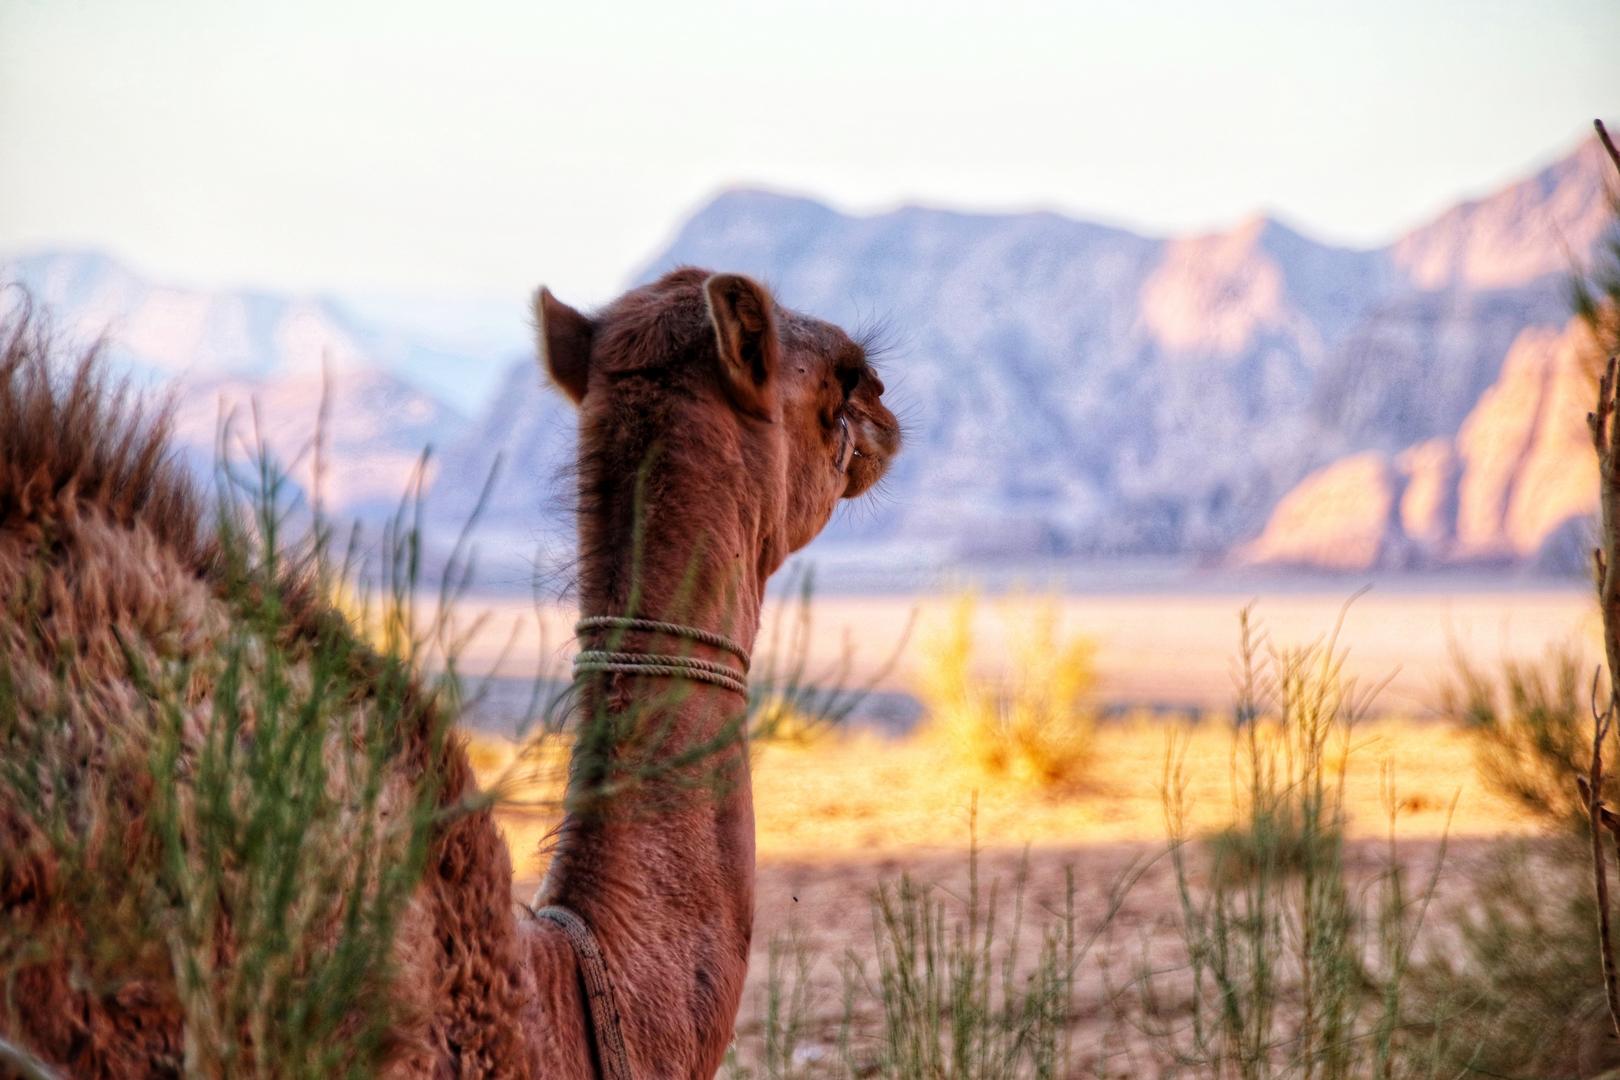 Jordanie - Petit dromadaire dans un campement bédouin dans le désert de Wadi Rum